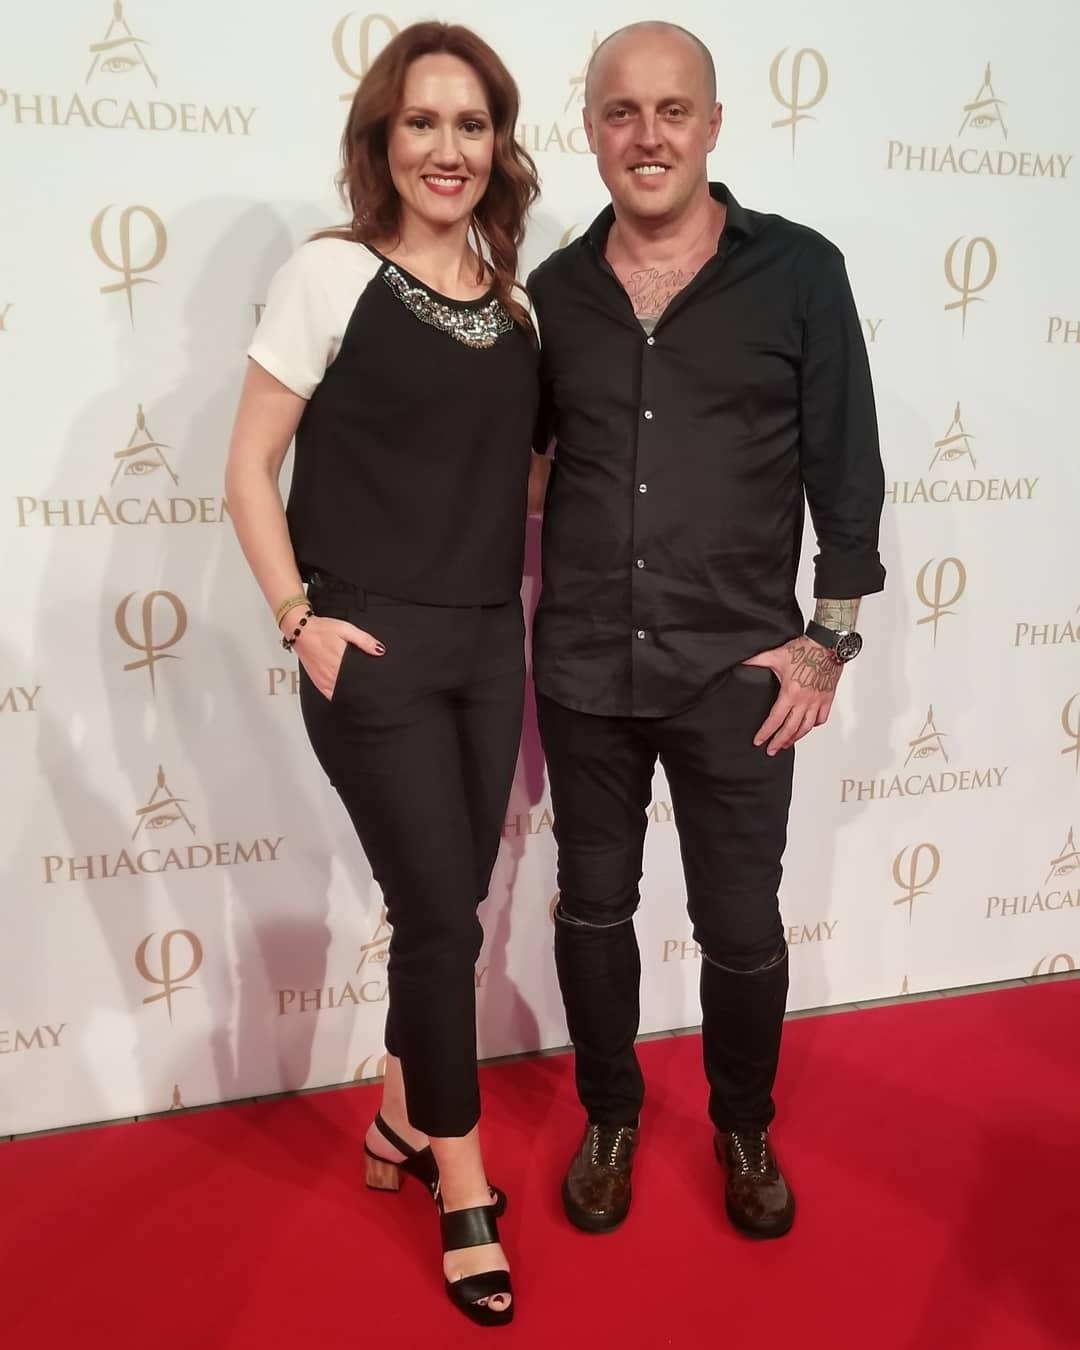 Alesya with Sviatoslav Otchenash the founder of AcademyS